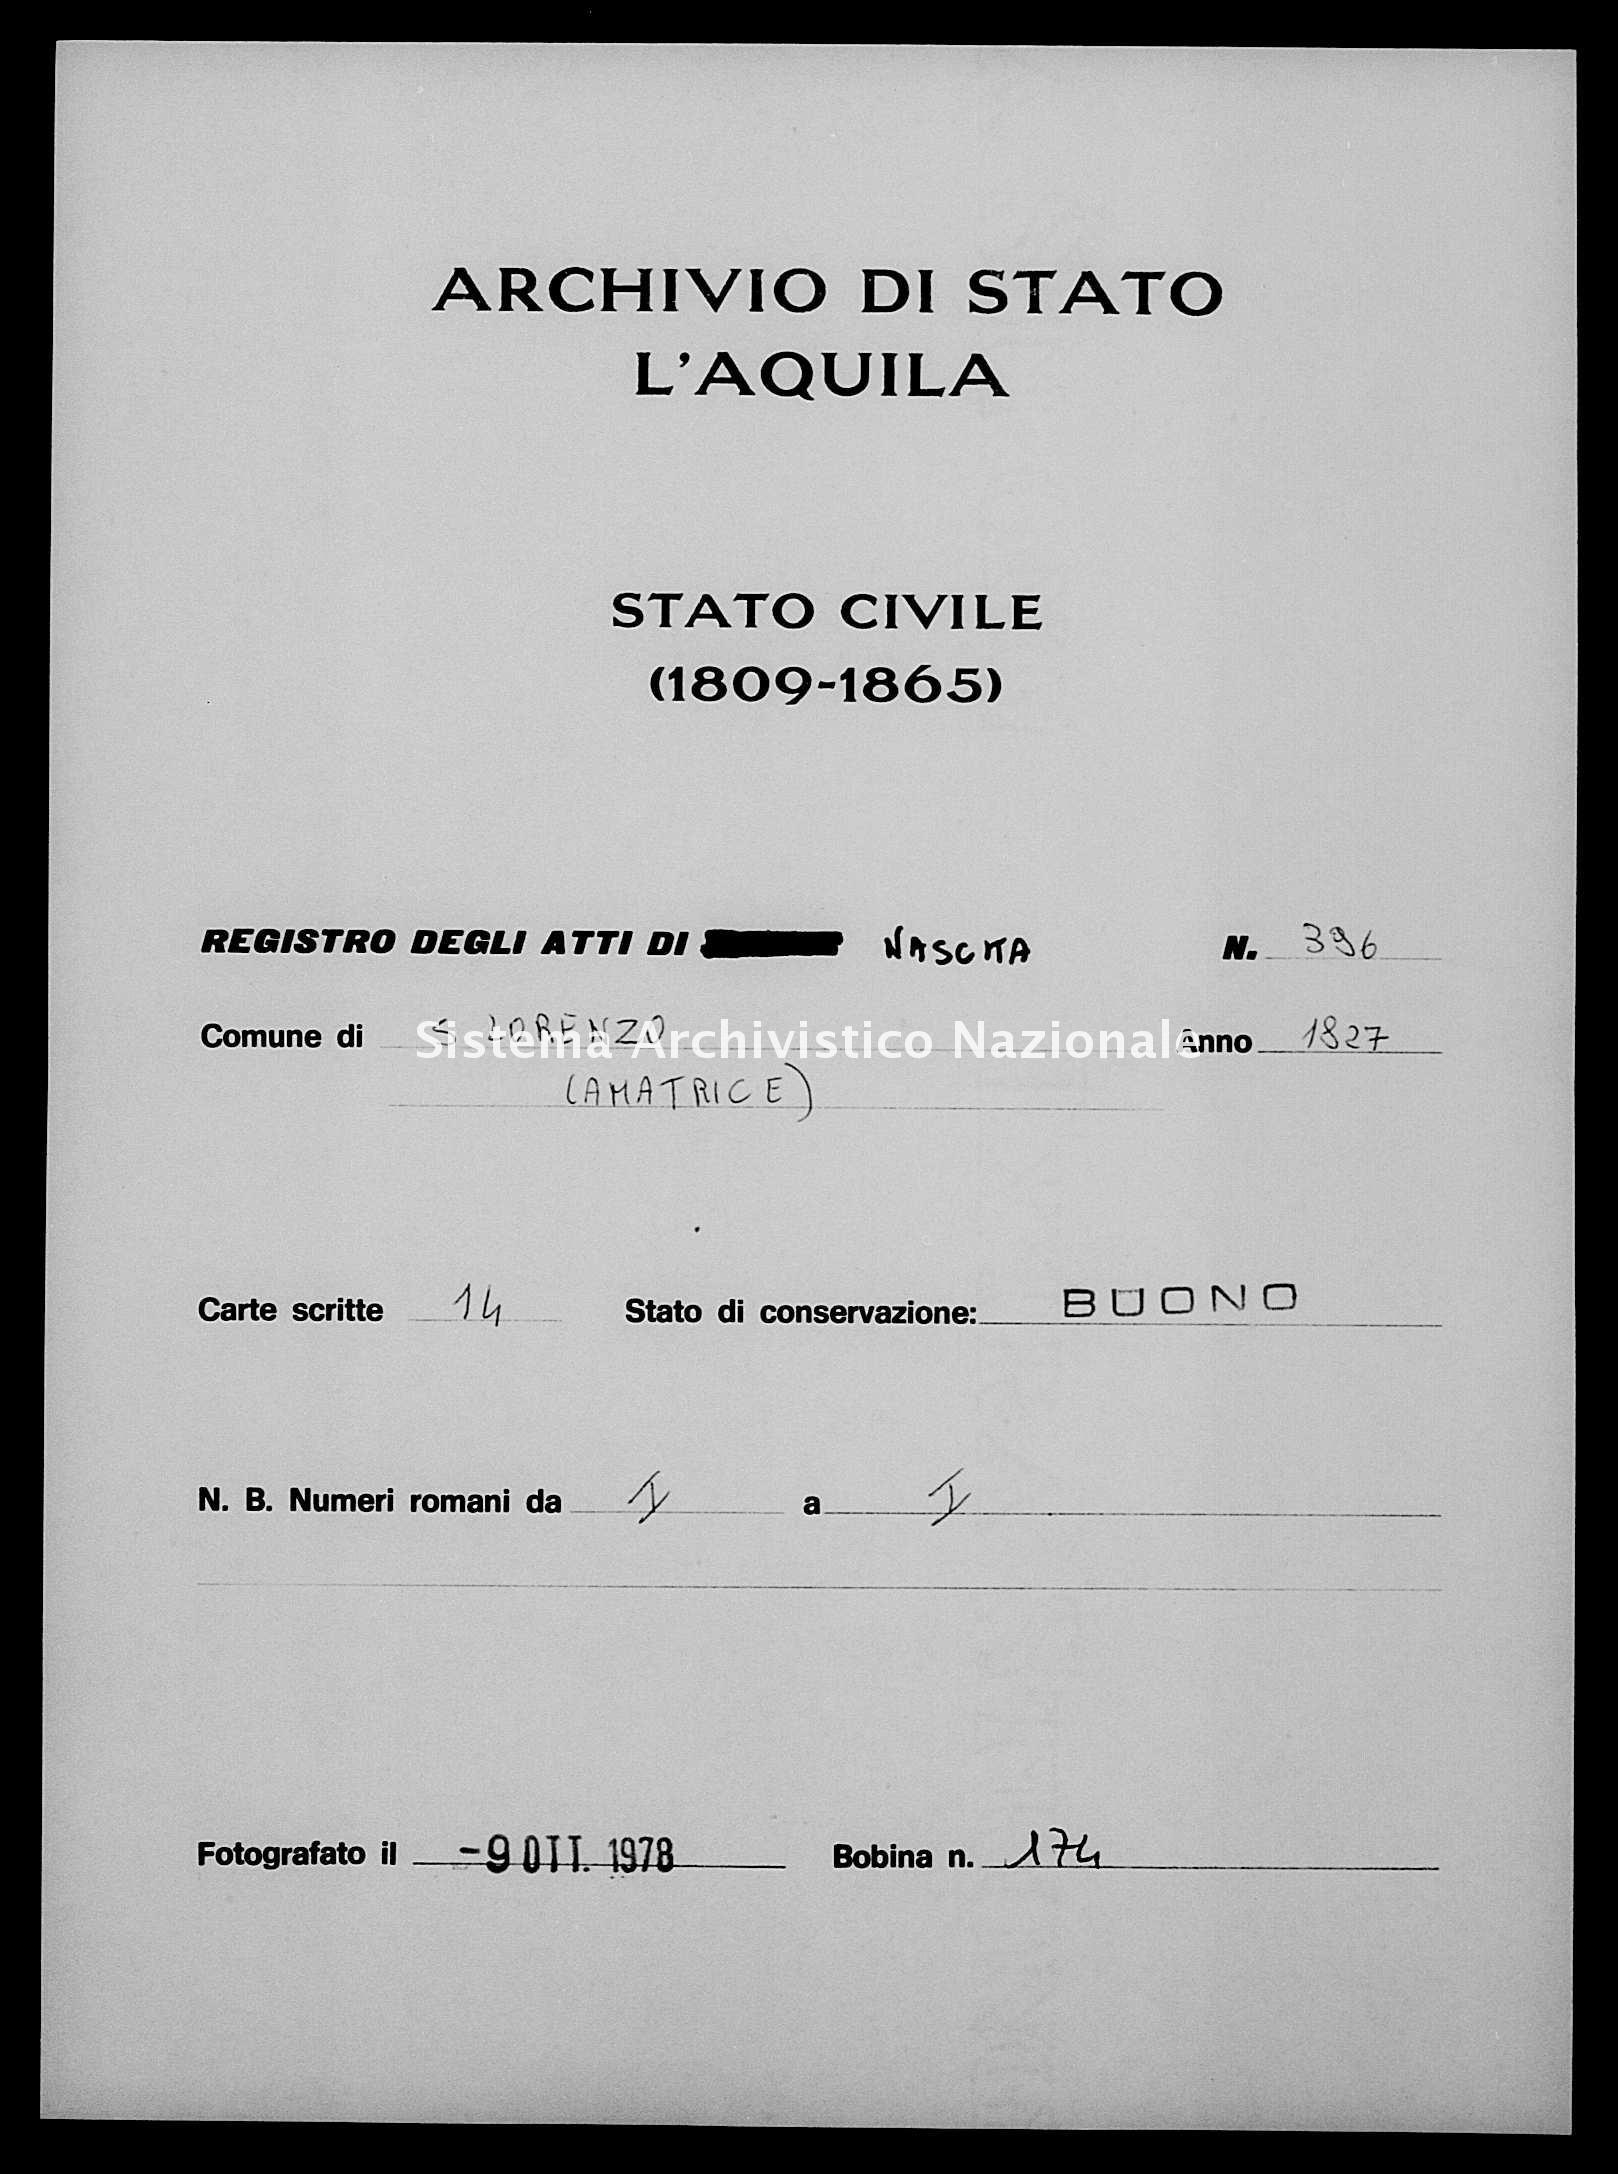 Archivio di stato di L'aquila - Stato civile della restaurazione - San Lorenzo - Nati - 1827 - 396 -